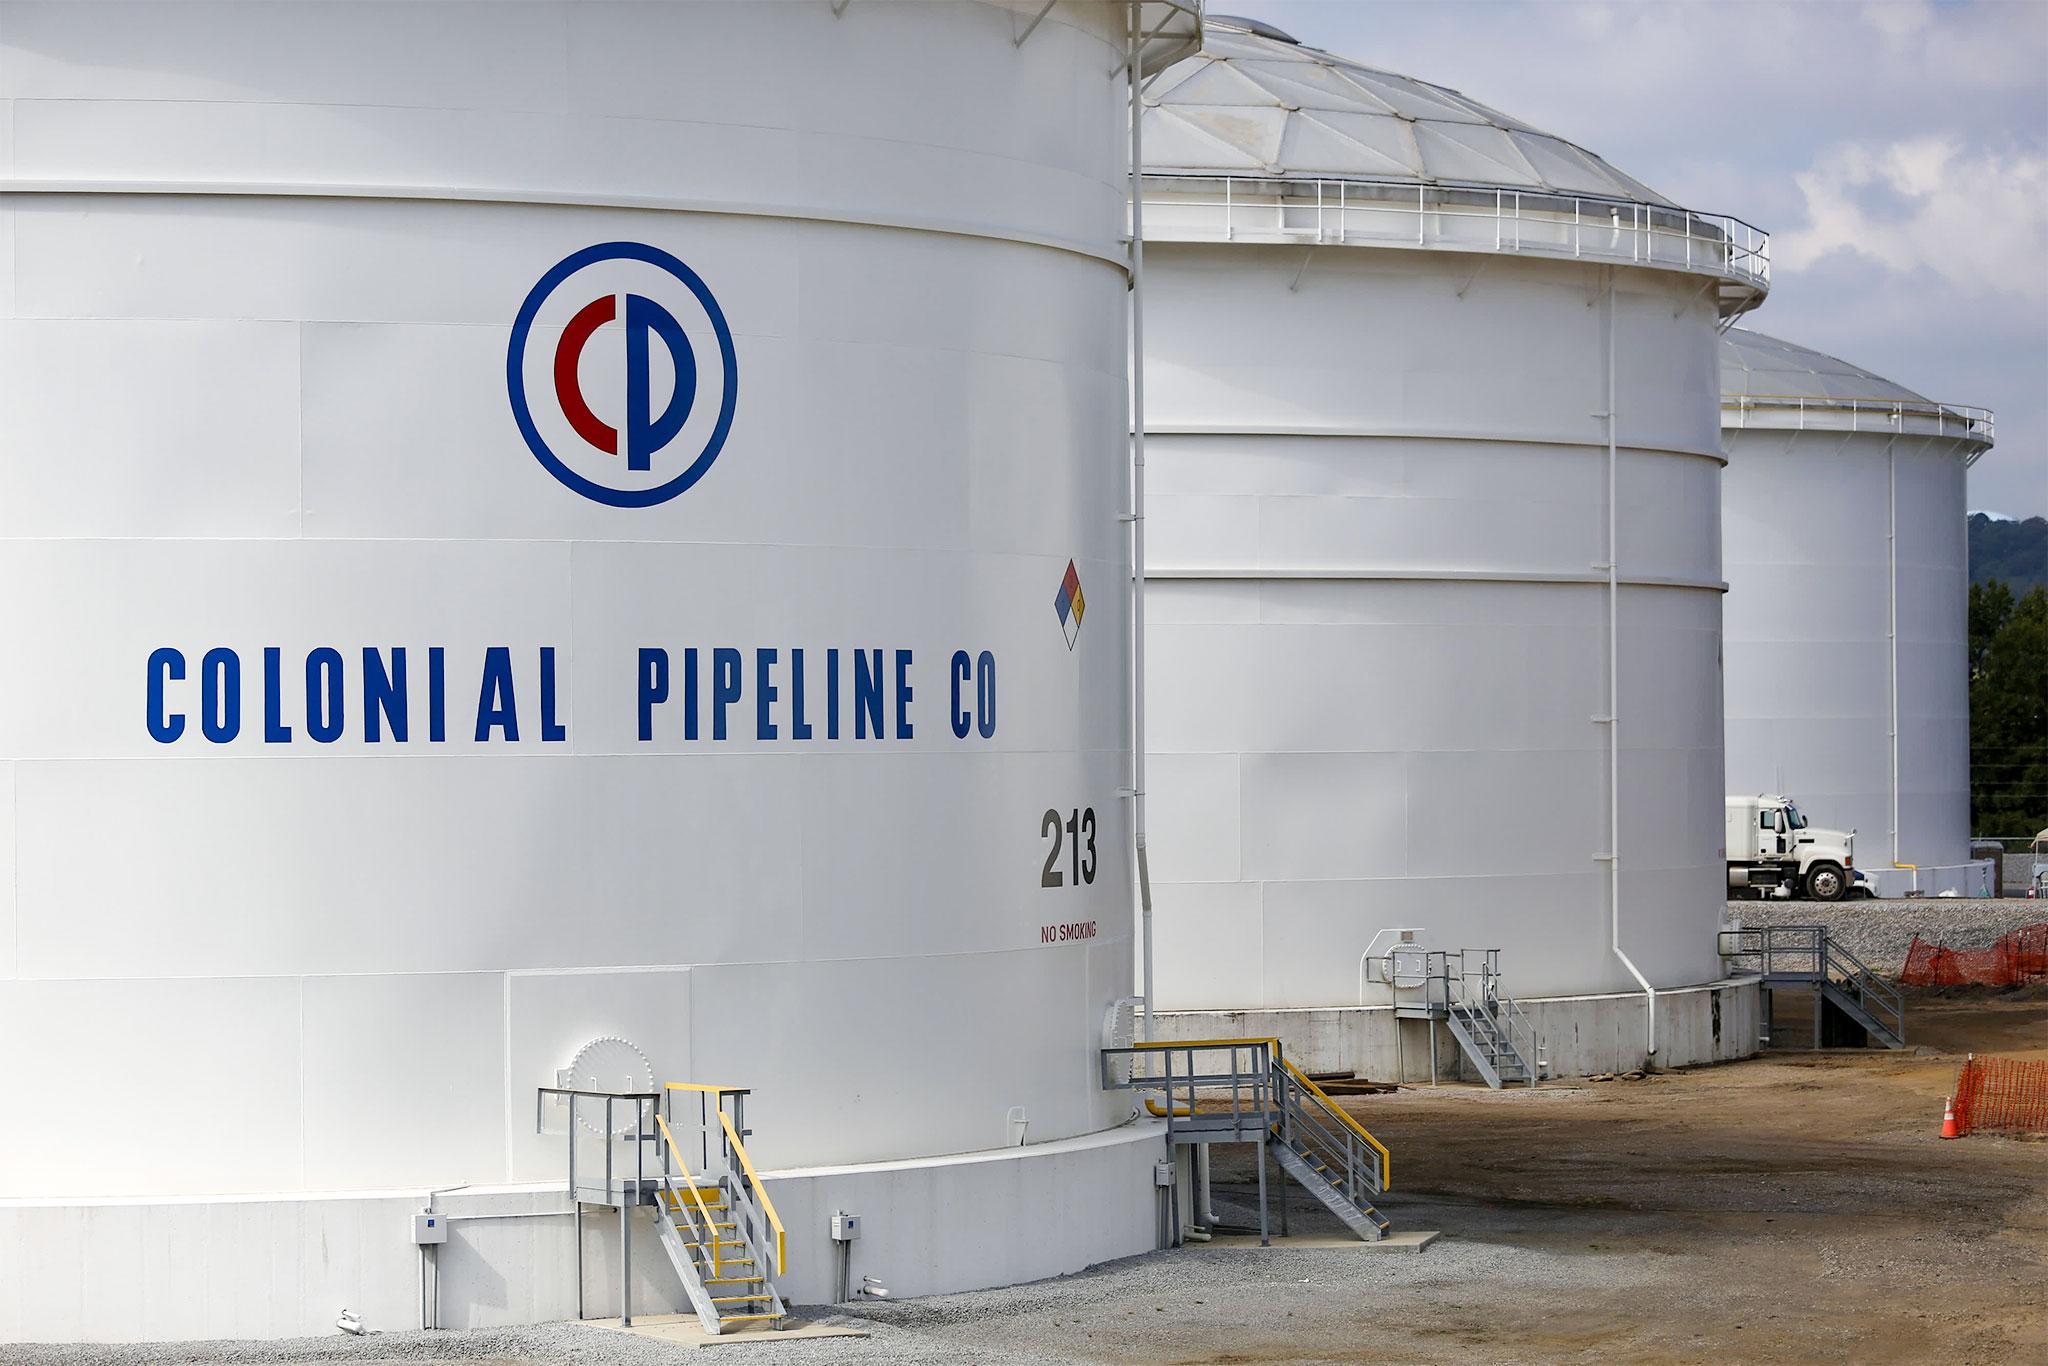 Koji je značaj nedavnog hakerskog napada na američki naftni cjevovod?